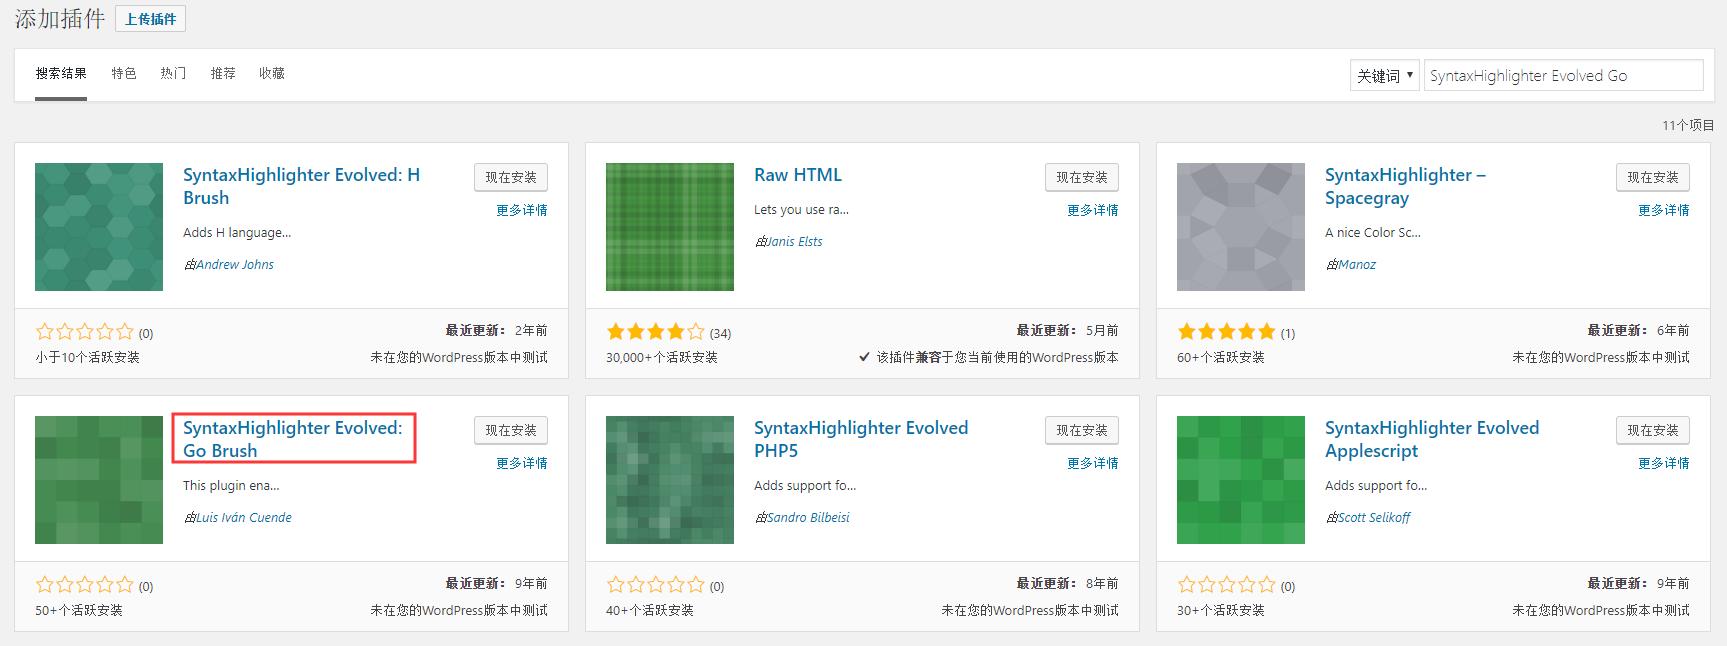 在插件列表中搜索:SyntaxHighlighter Evolved Go,找到插件:SyntaxHighlighter Evolved: Go Brush,安装并启用